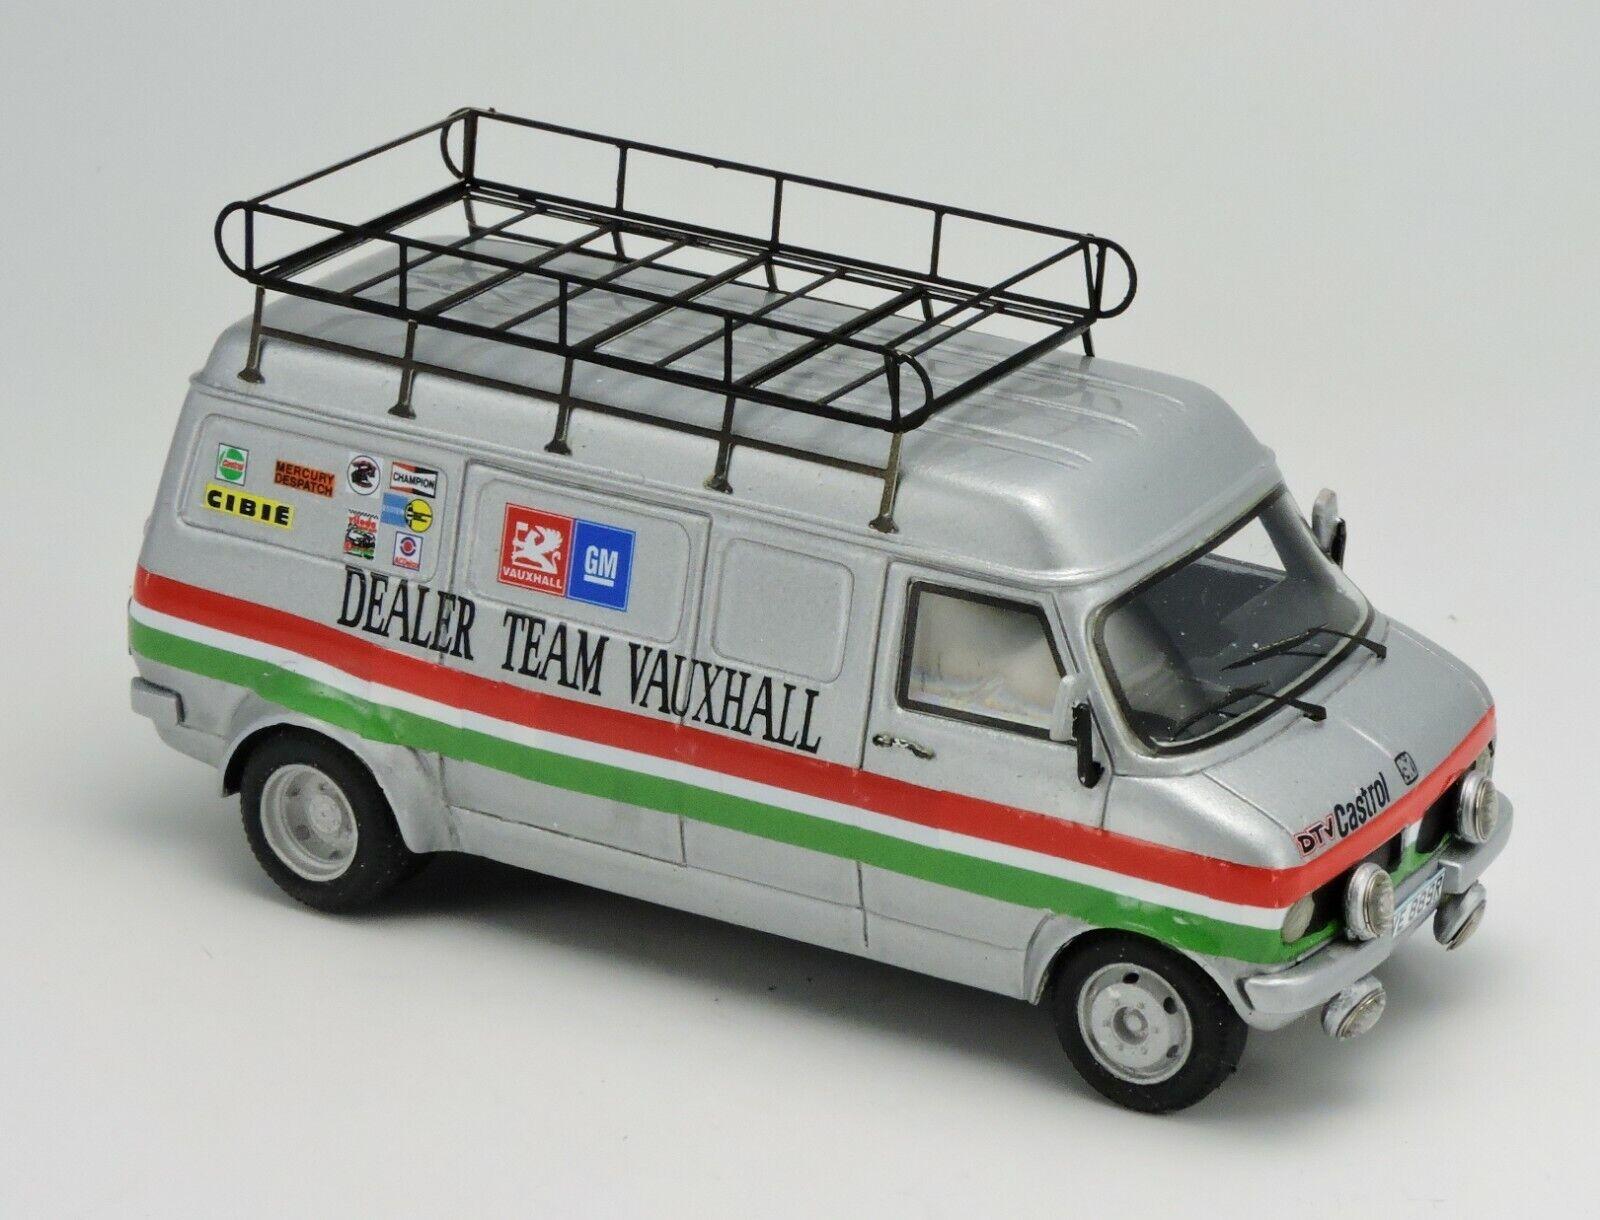 Kit Bedford Van service assistenza Dealer Team Vauxhall - Arena Models kit 1 43